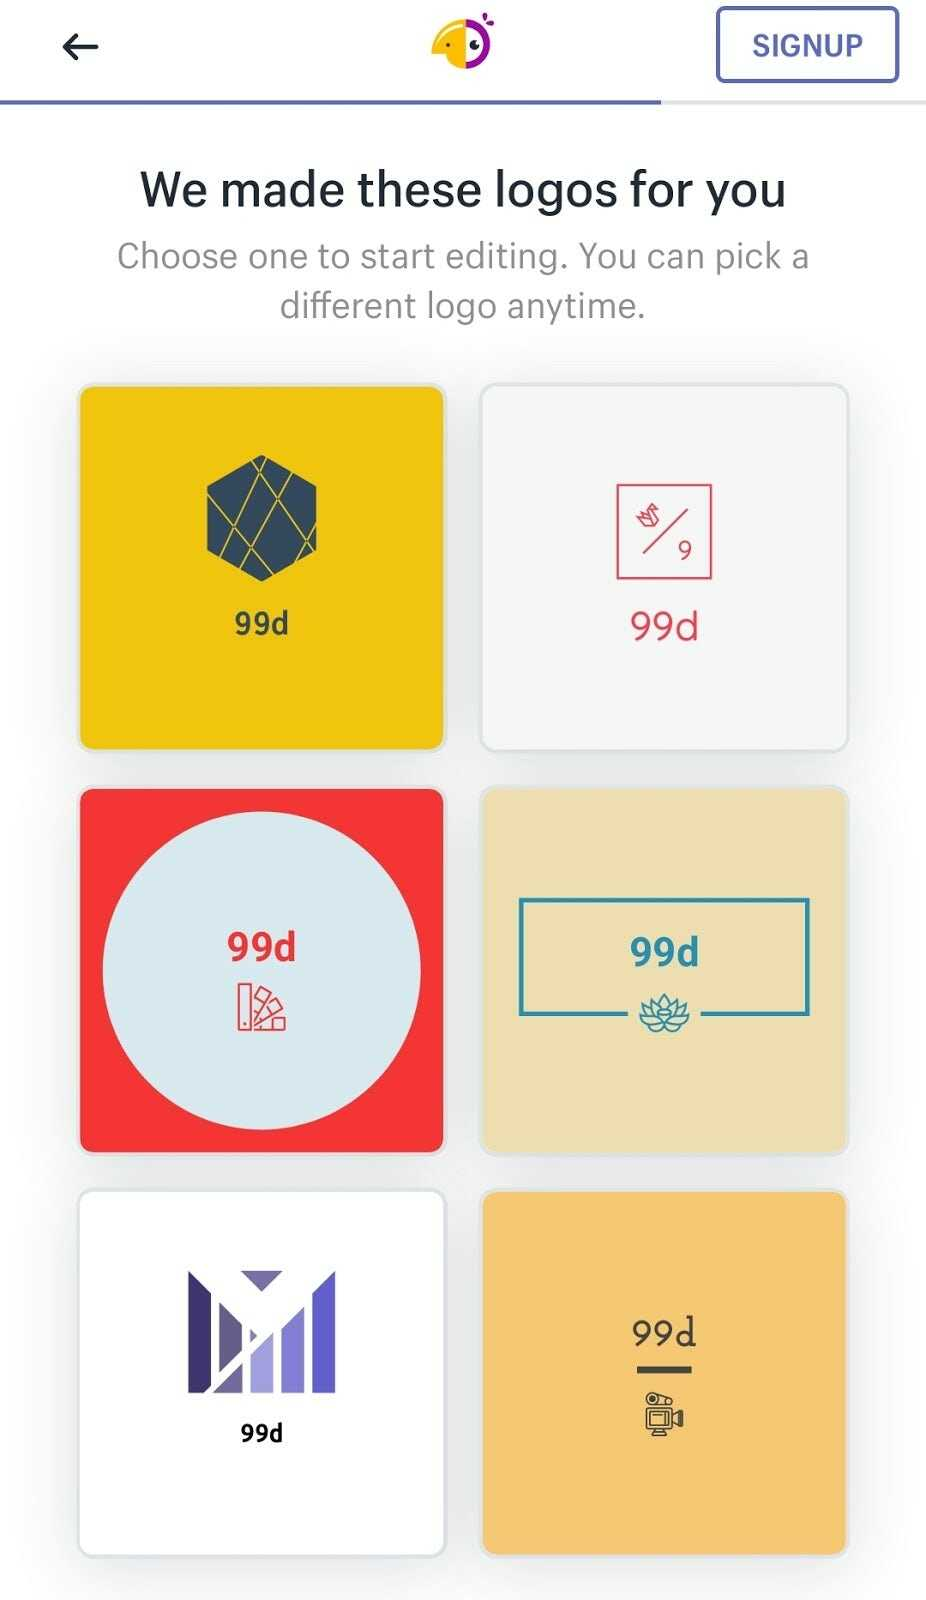 04-mnt-design-phan-mem-thiet-ke-logo-tot-nhat-2021_optimized